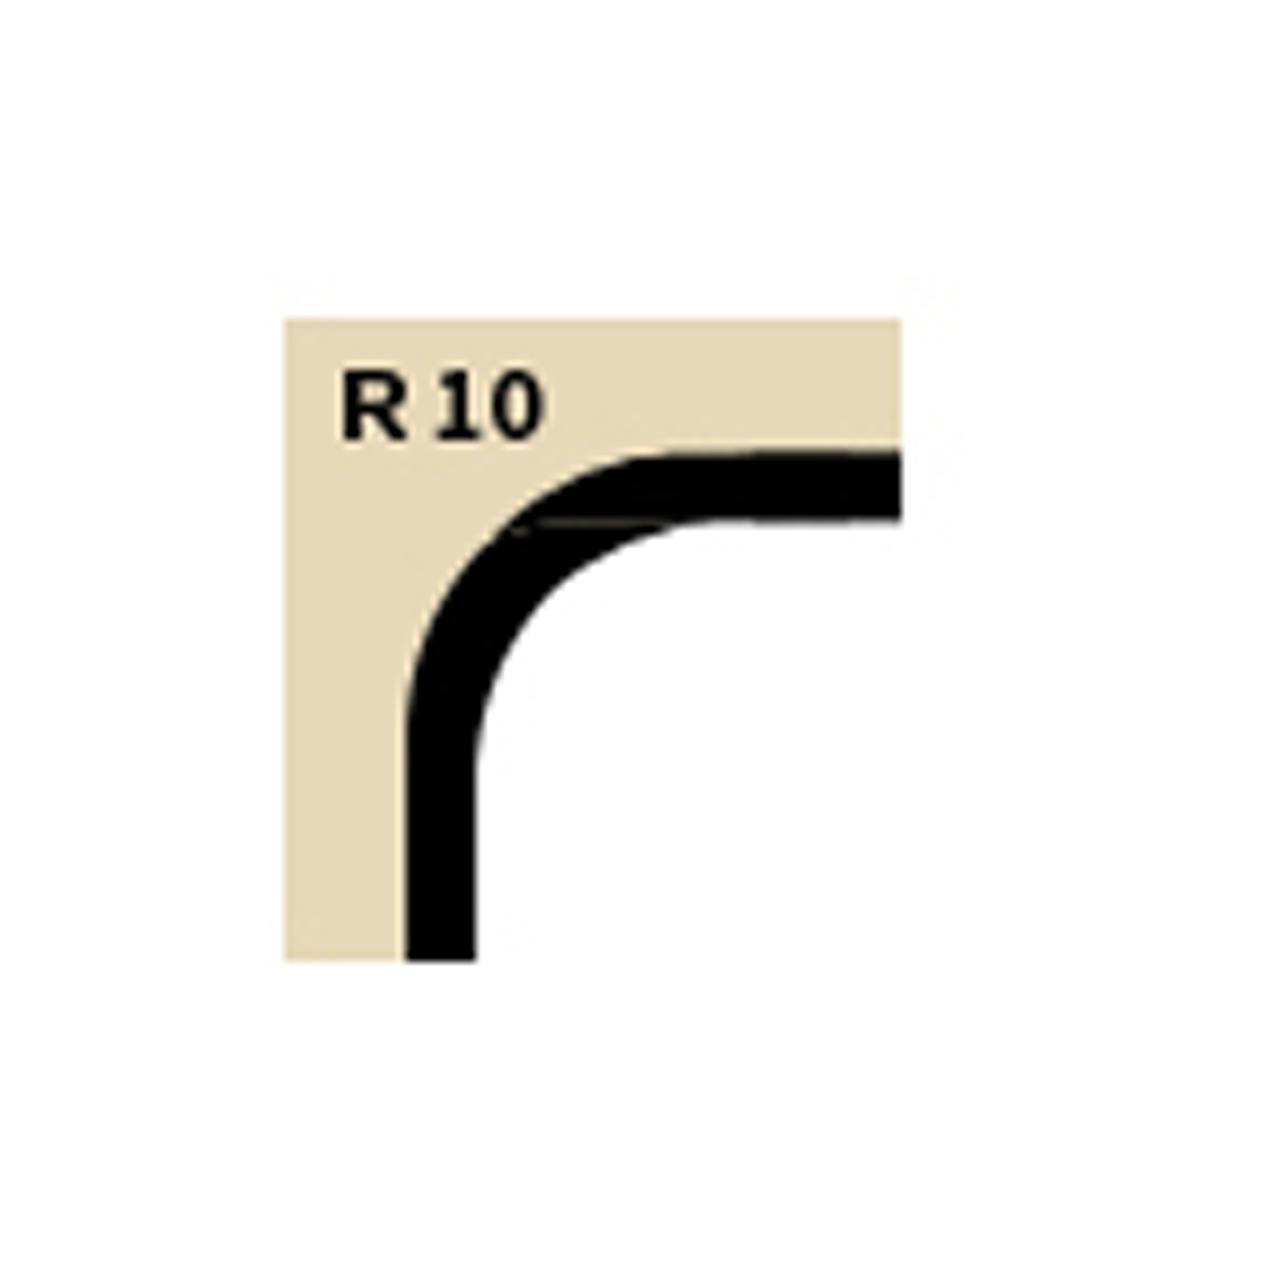 Stanze R10 für REGUR® Trimmit Eckenstanzer